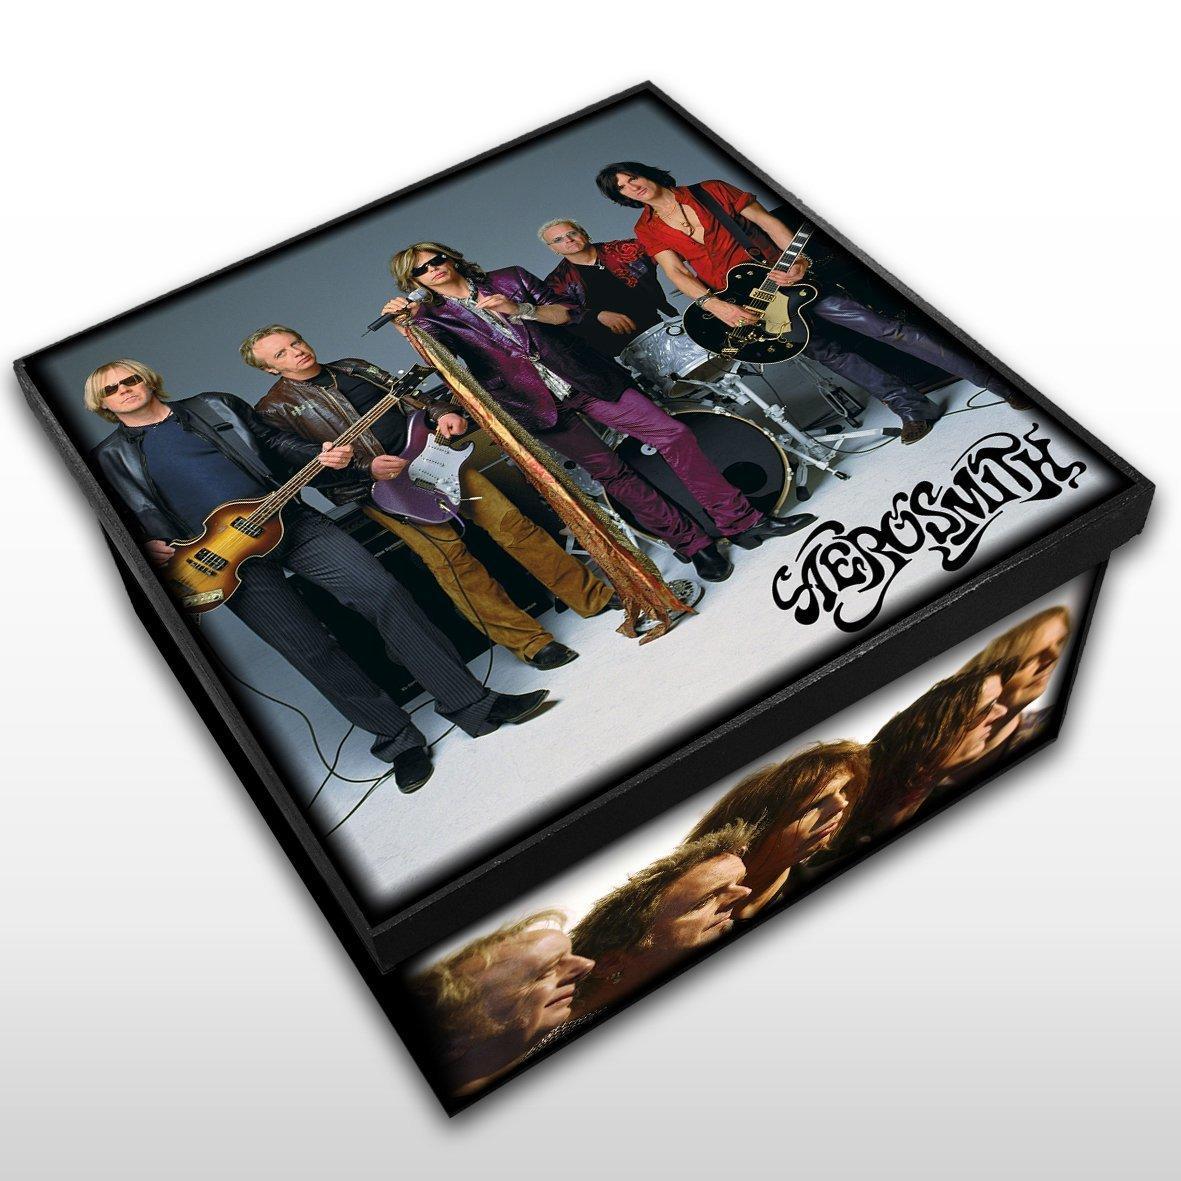 Aerosmith - Caixa em Madeira MDF - Tamanho Médio - Mr. Rock